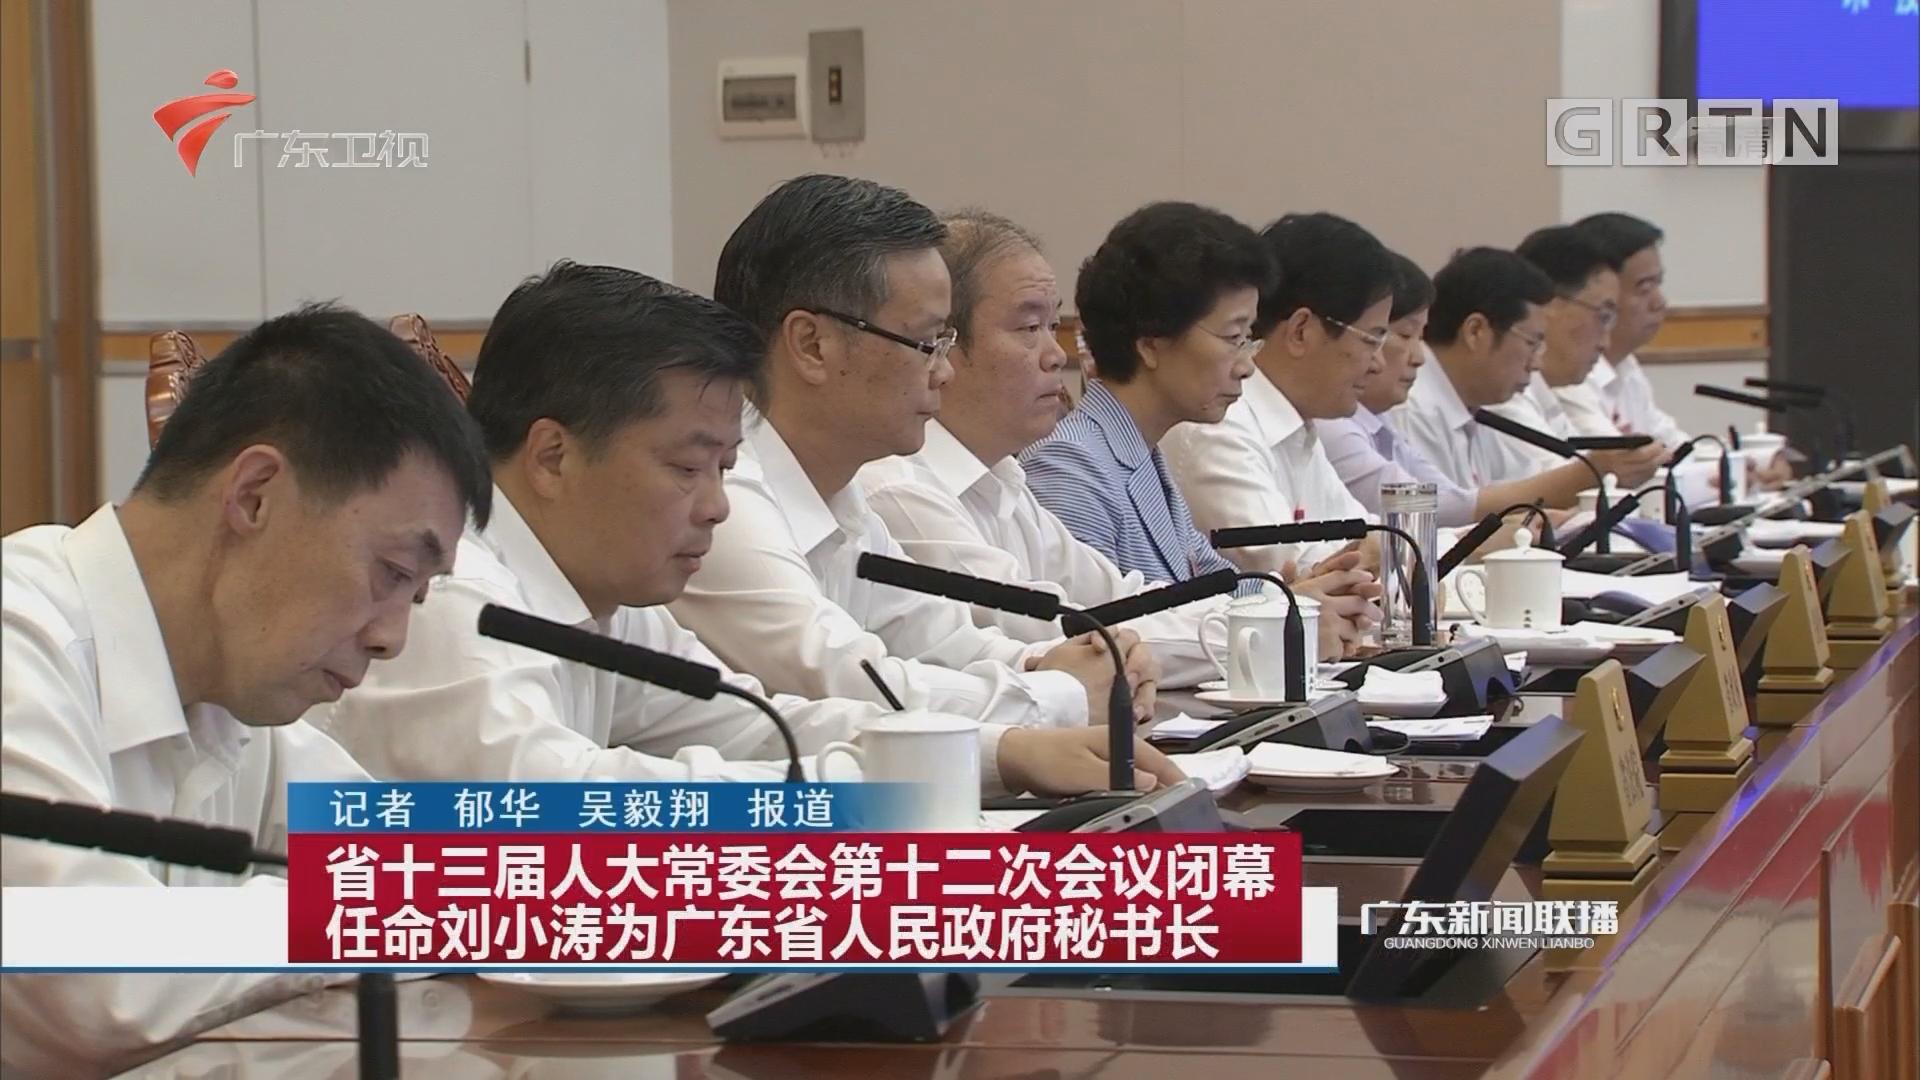 省十三届人大常委会第十二次会议闭幕 任命刘小涛为广东省人民政府秘书长